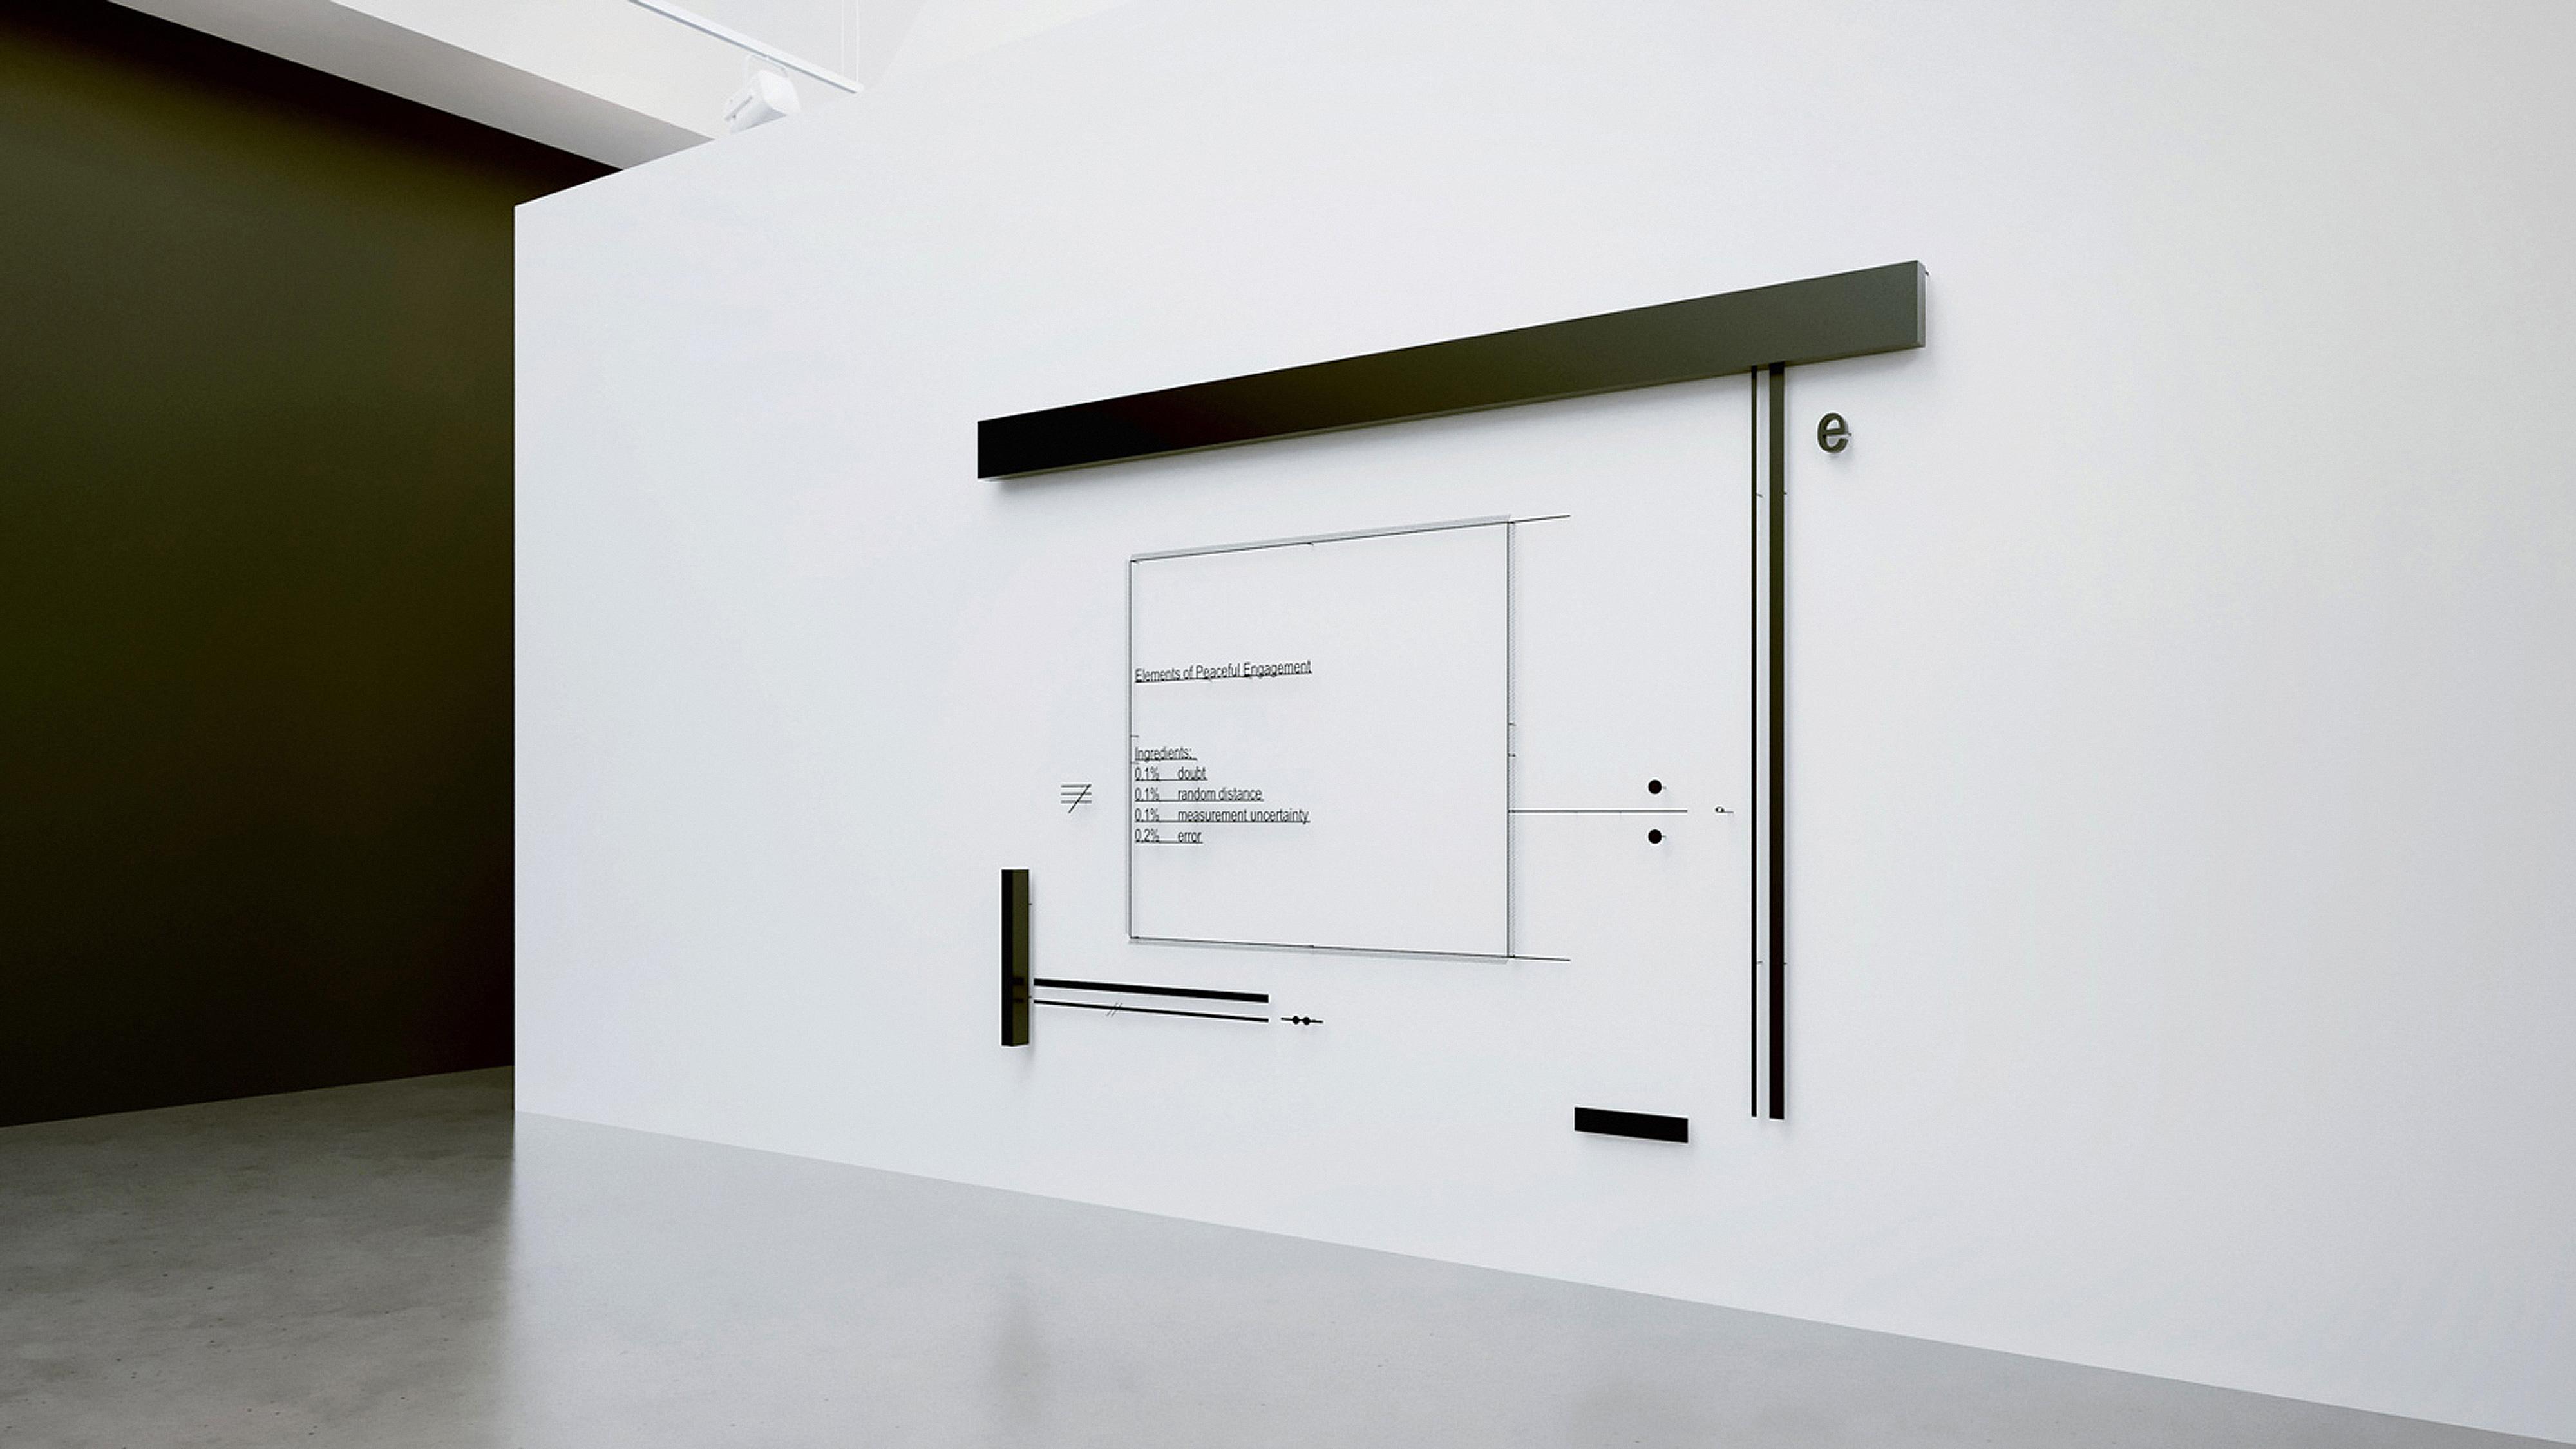 Galerie Barbara Thumm \ New Viewings #25 \ Marlena Kudlicka